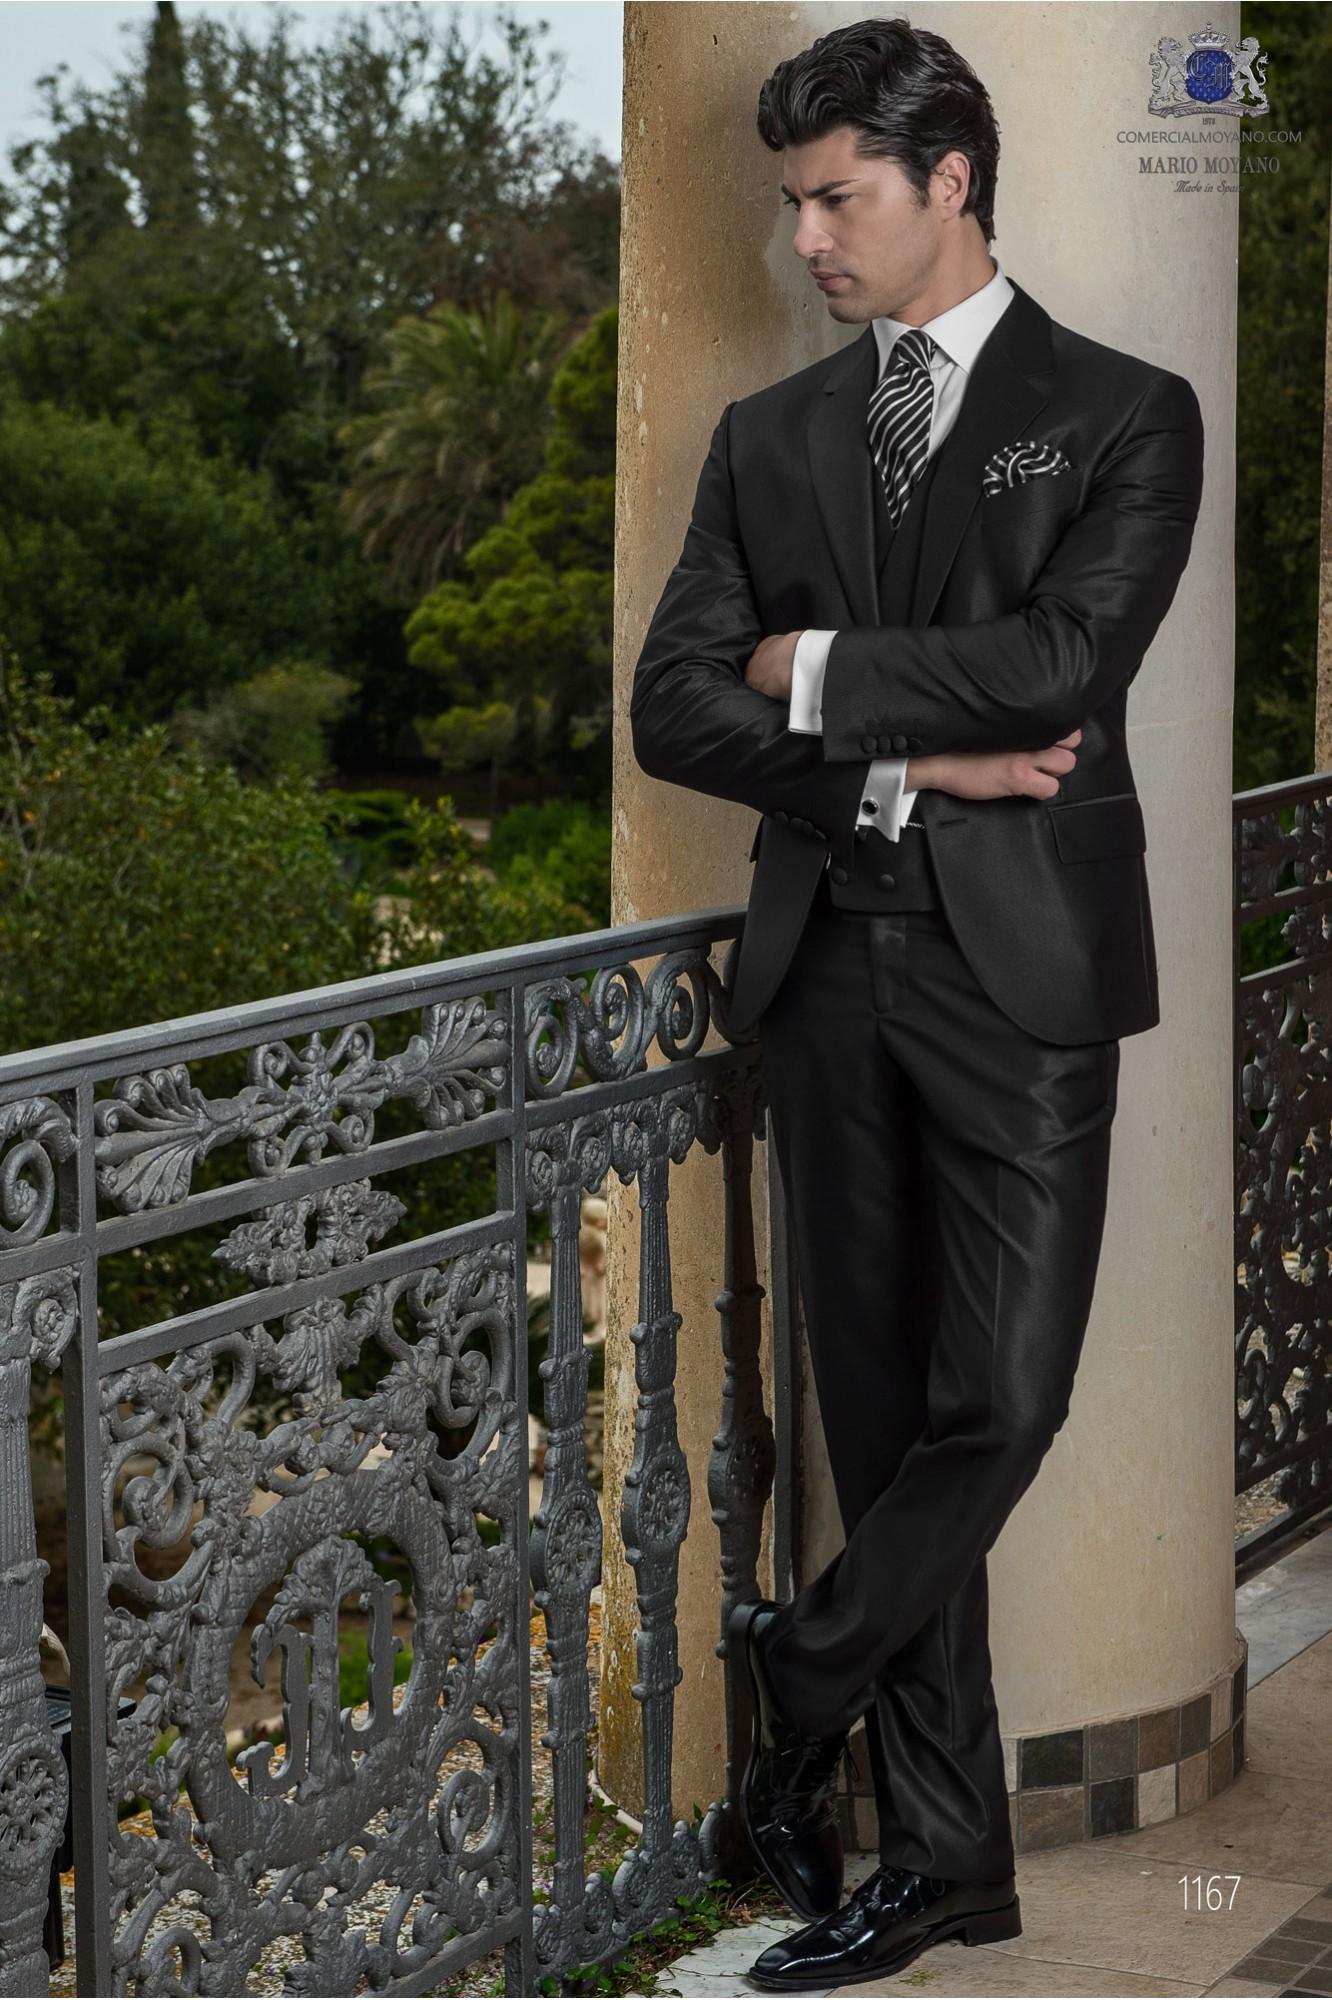 Traje Gentleman de novio gris antracita modelo: 1167 Ottavio Nuccio Gala colección Gentleman